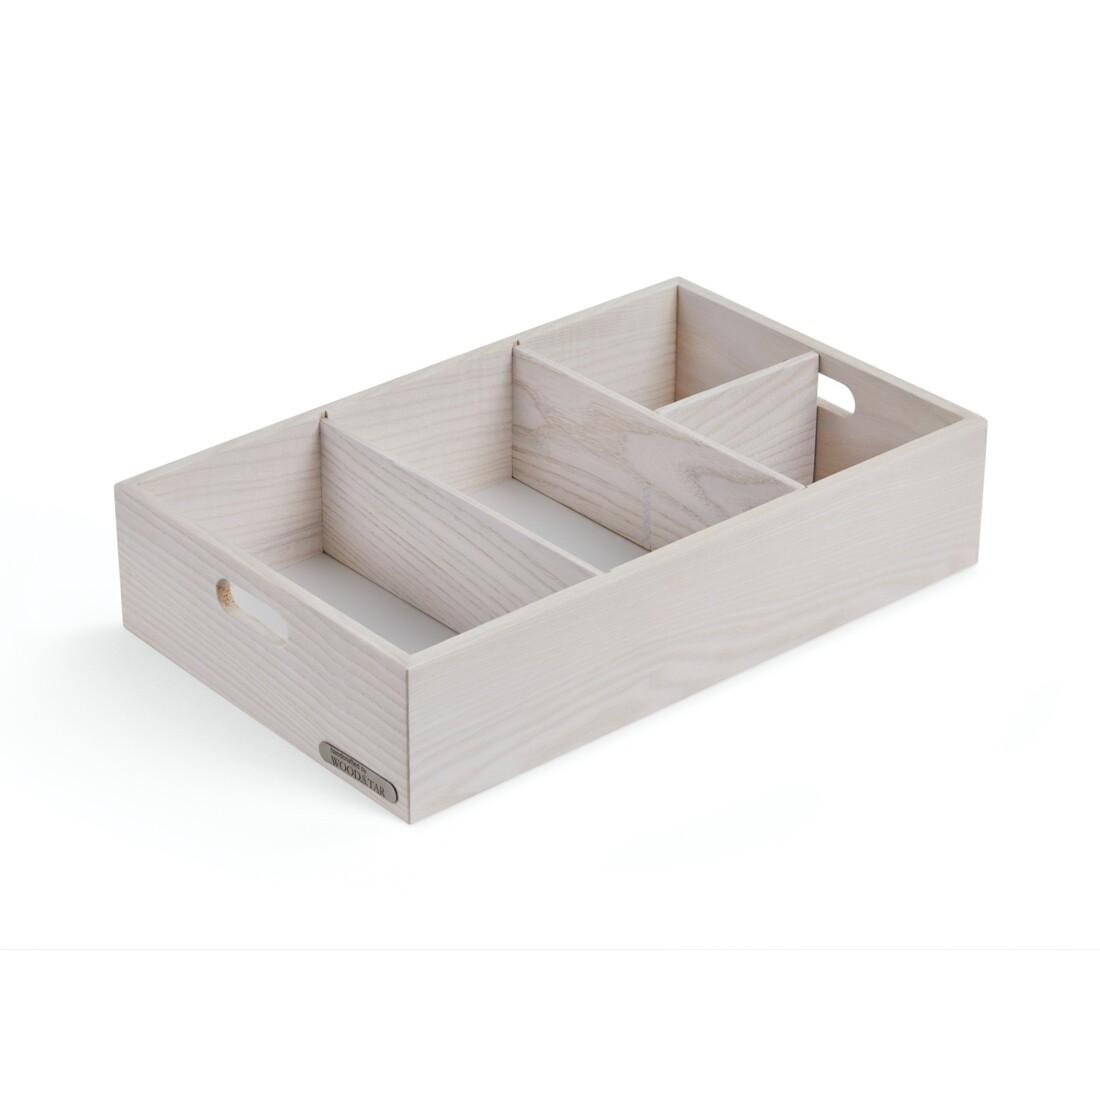 Ящик для хранения со съемными перегородками, 48х28х9 см, белый цвет дерева